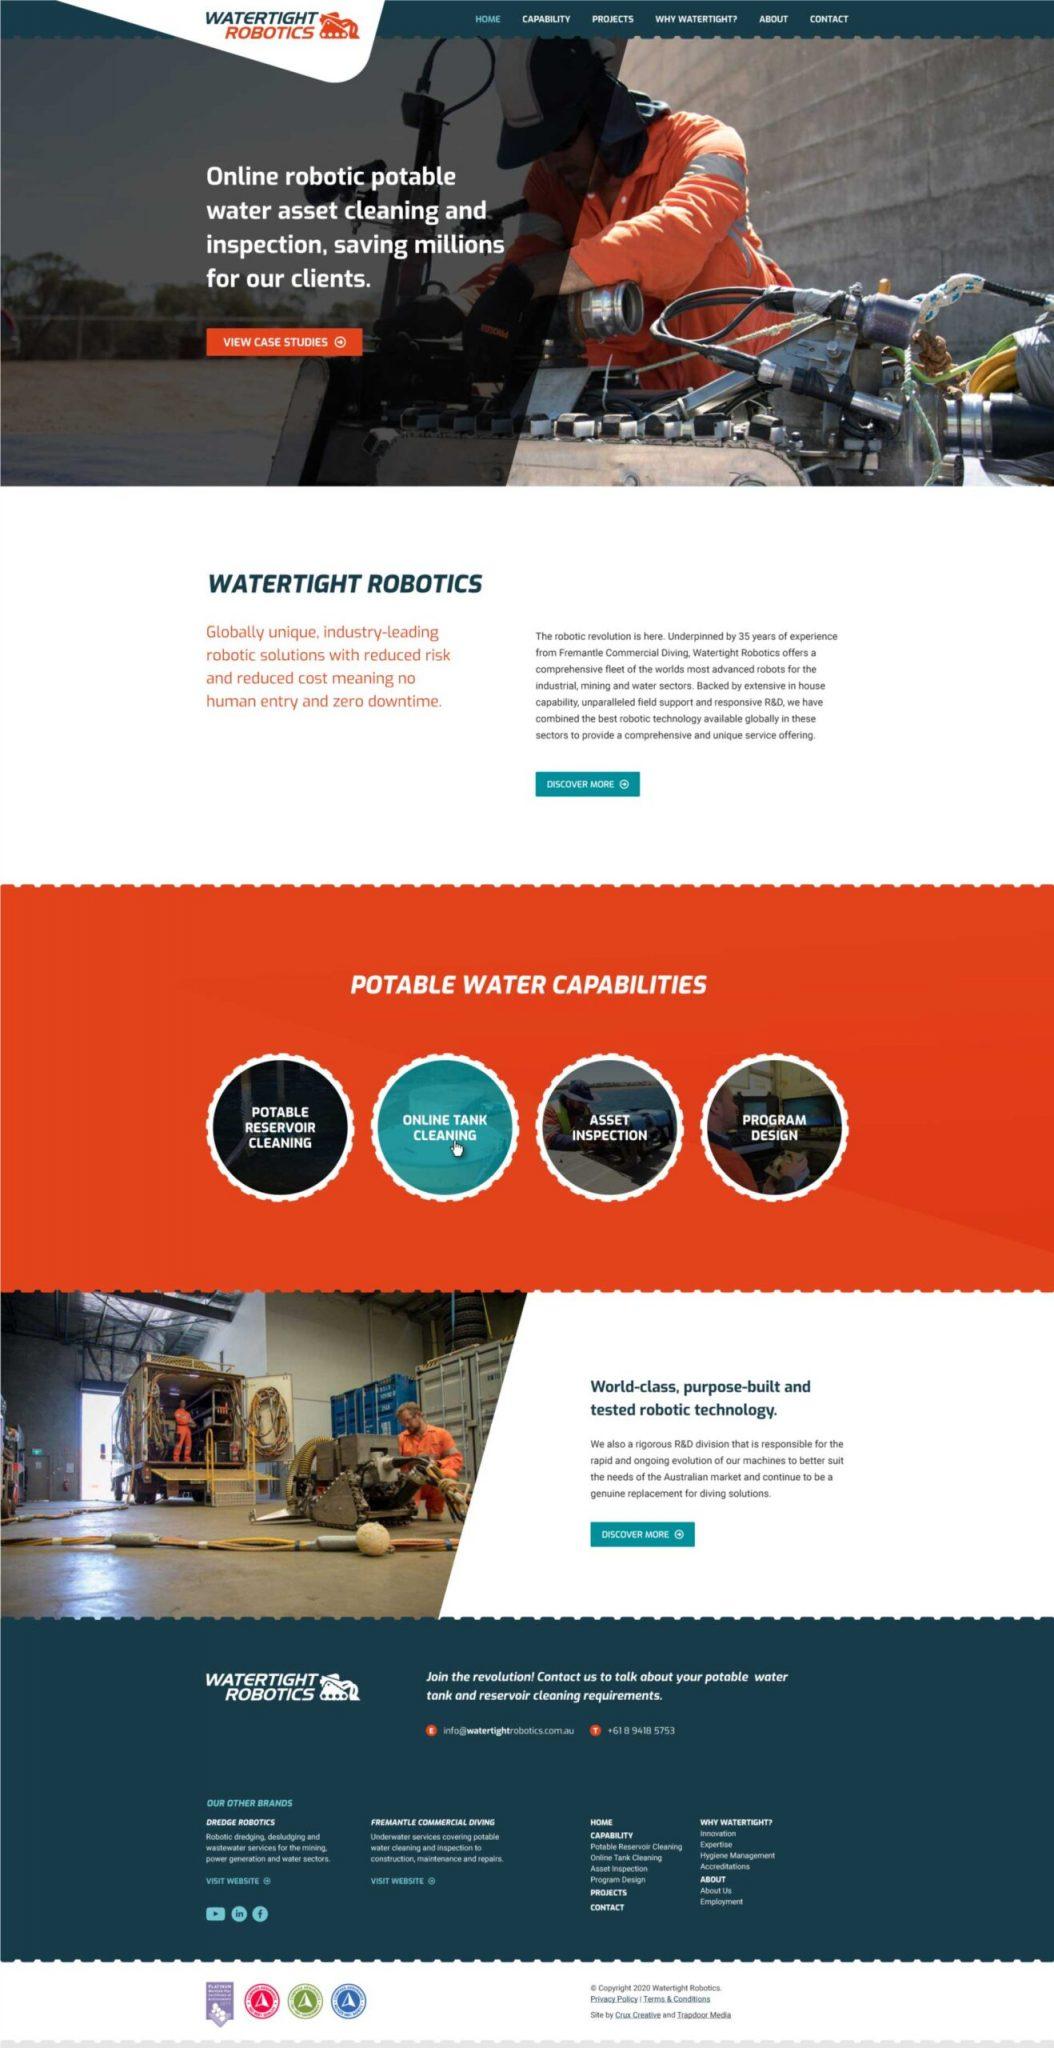 fremantle commercial diving web design